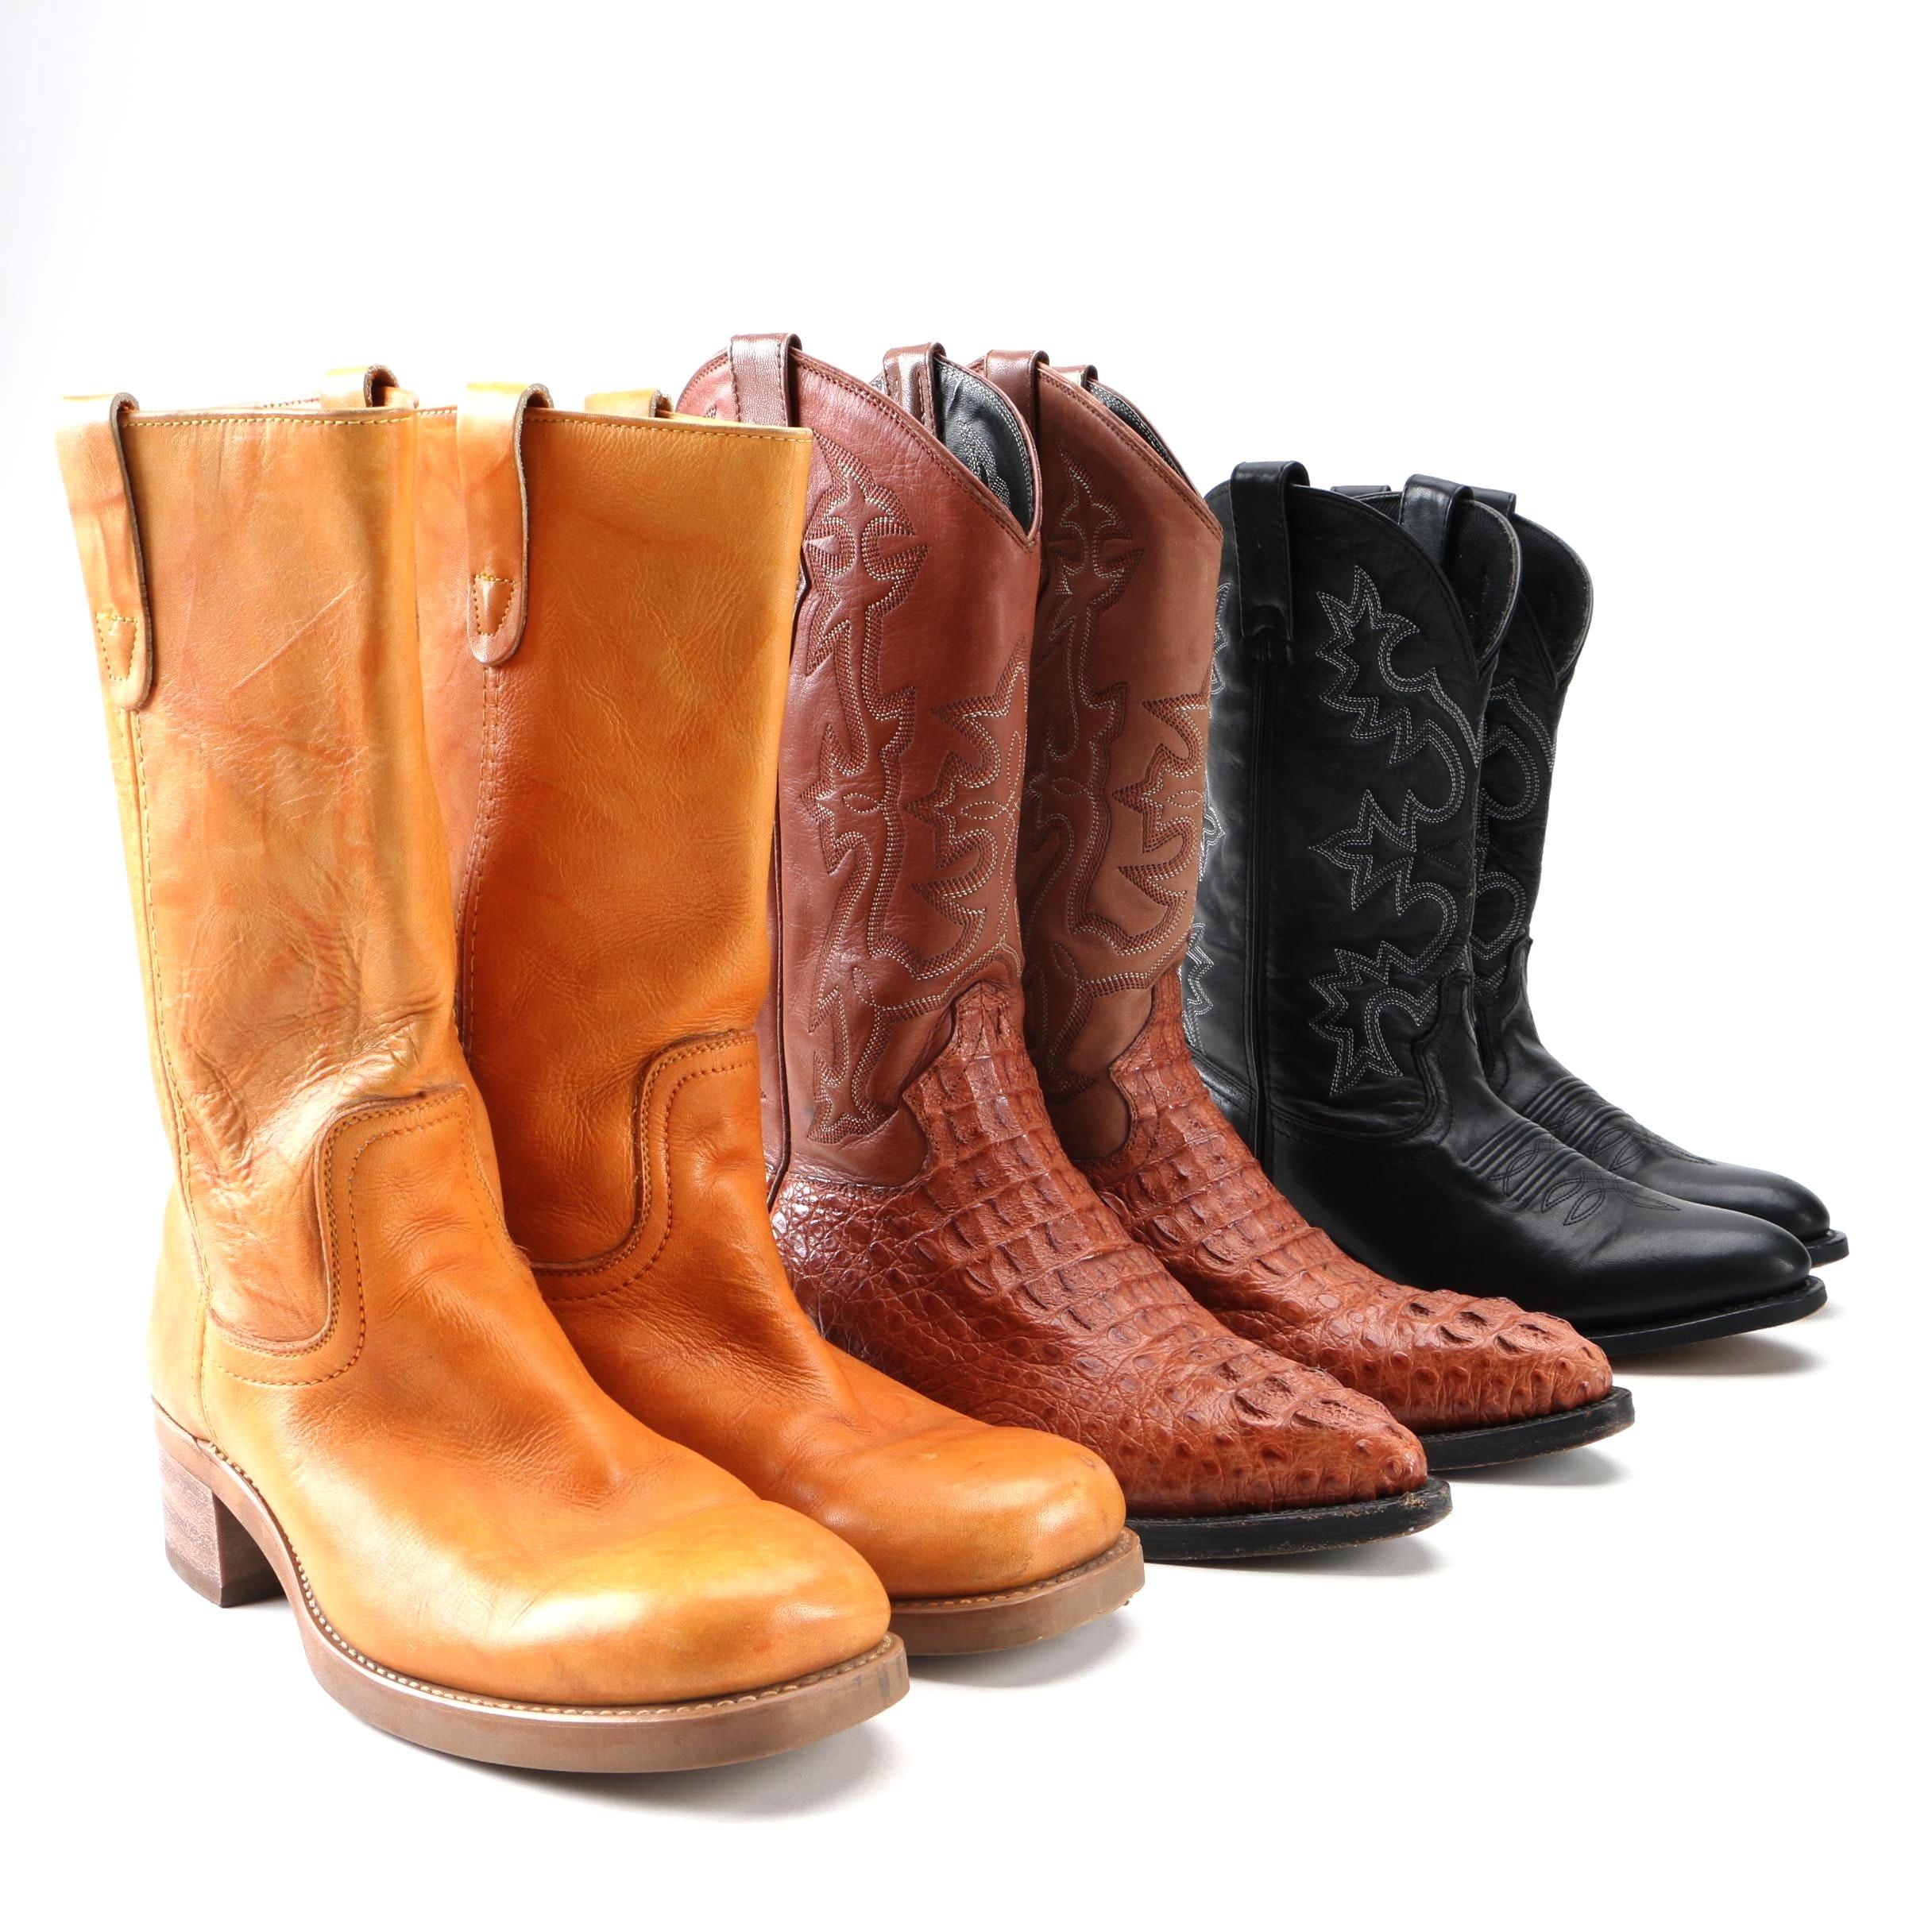 Men's Western Boots Including Alligator Skin